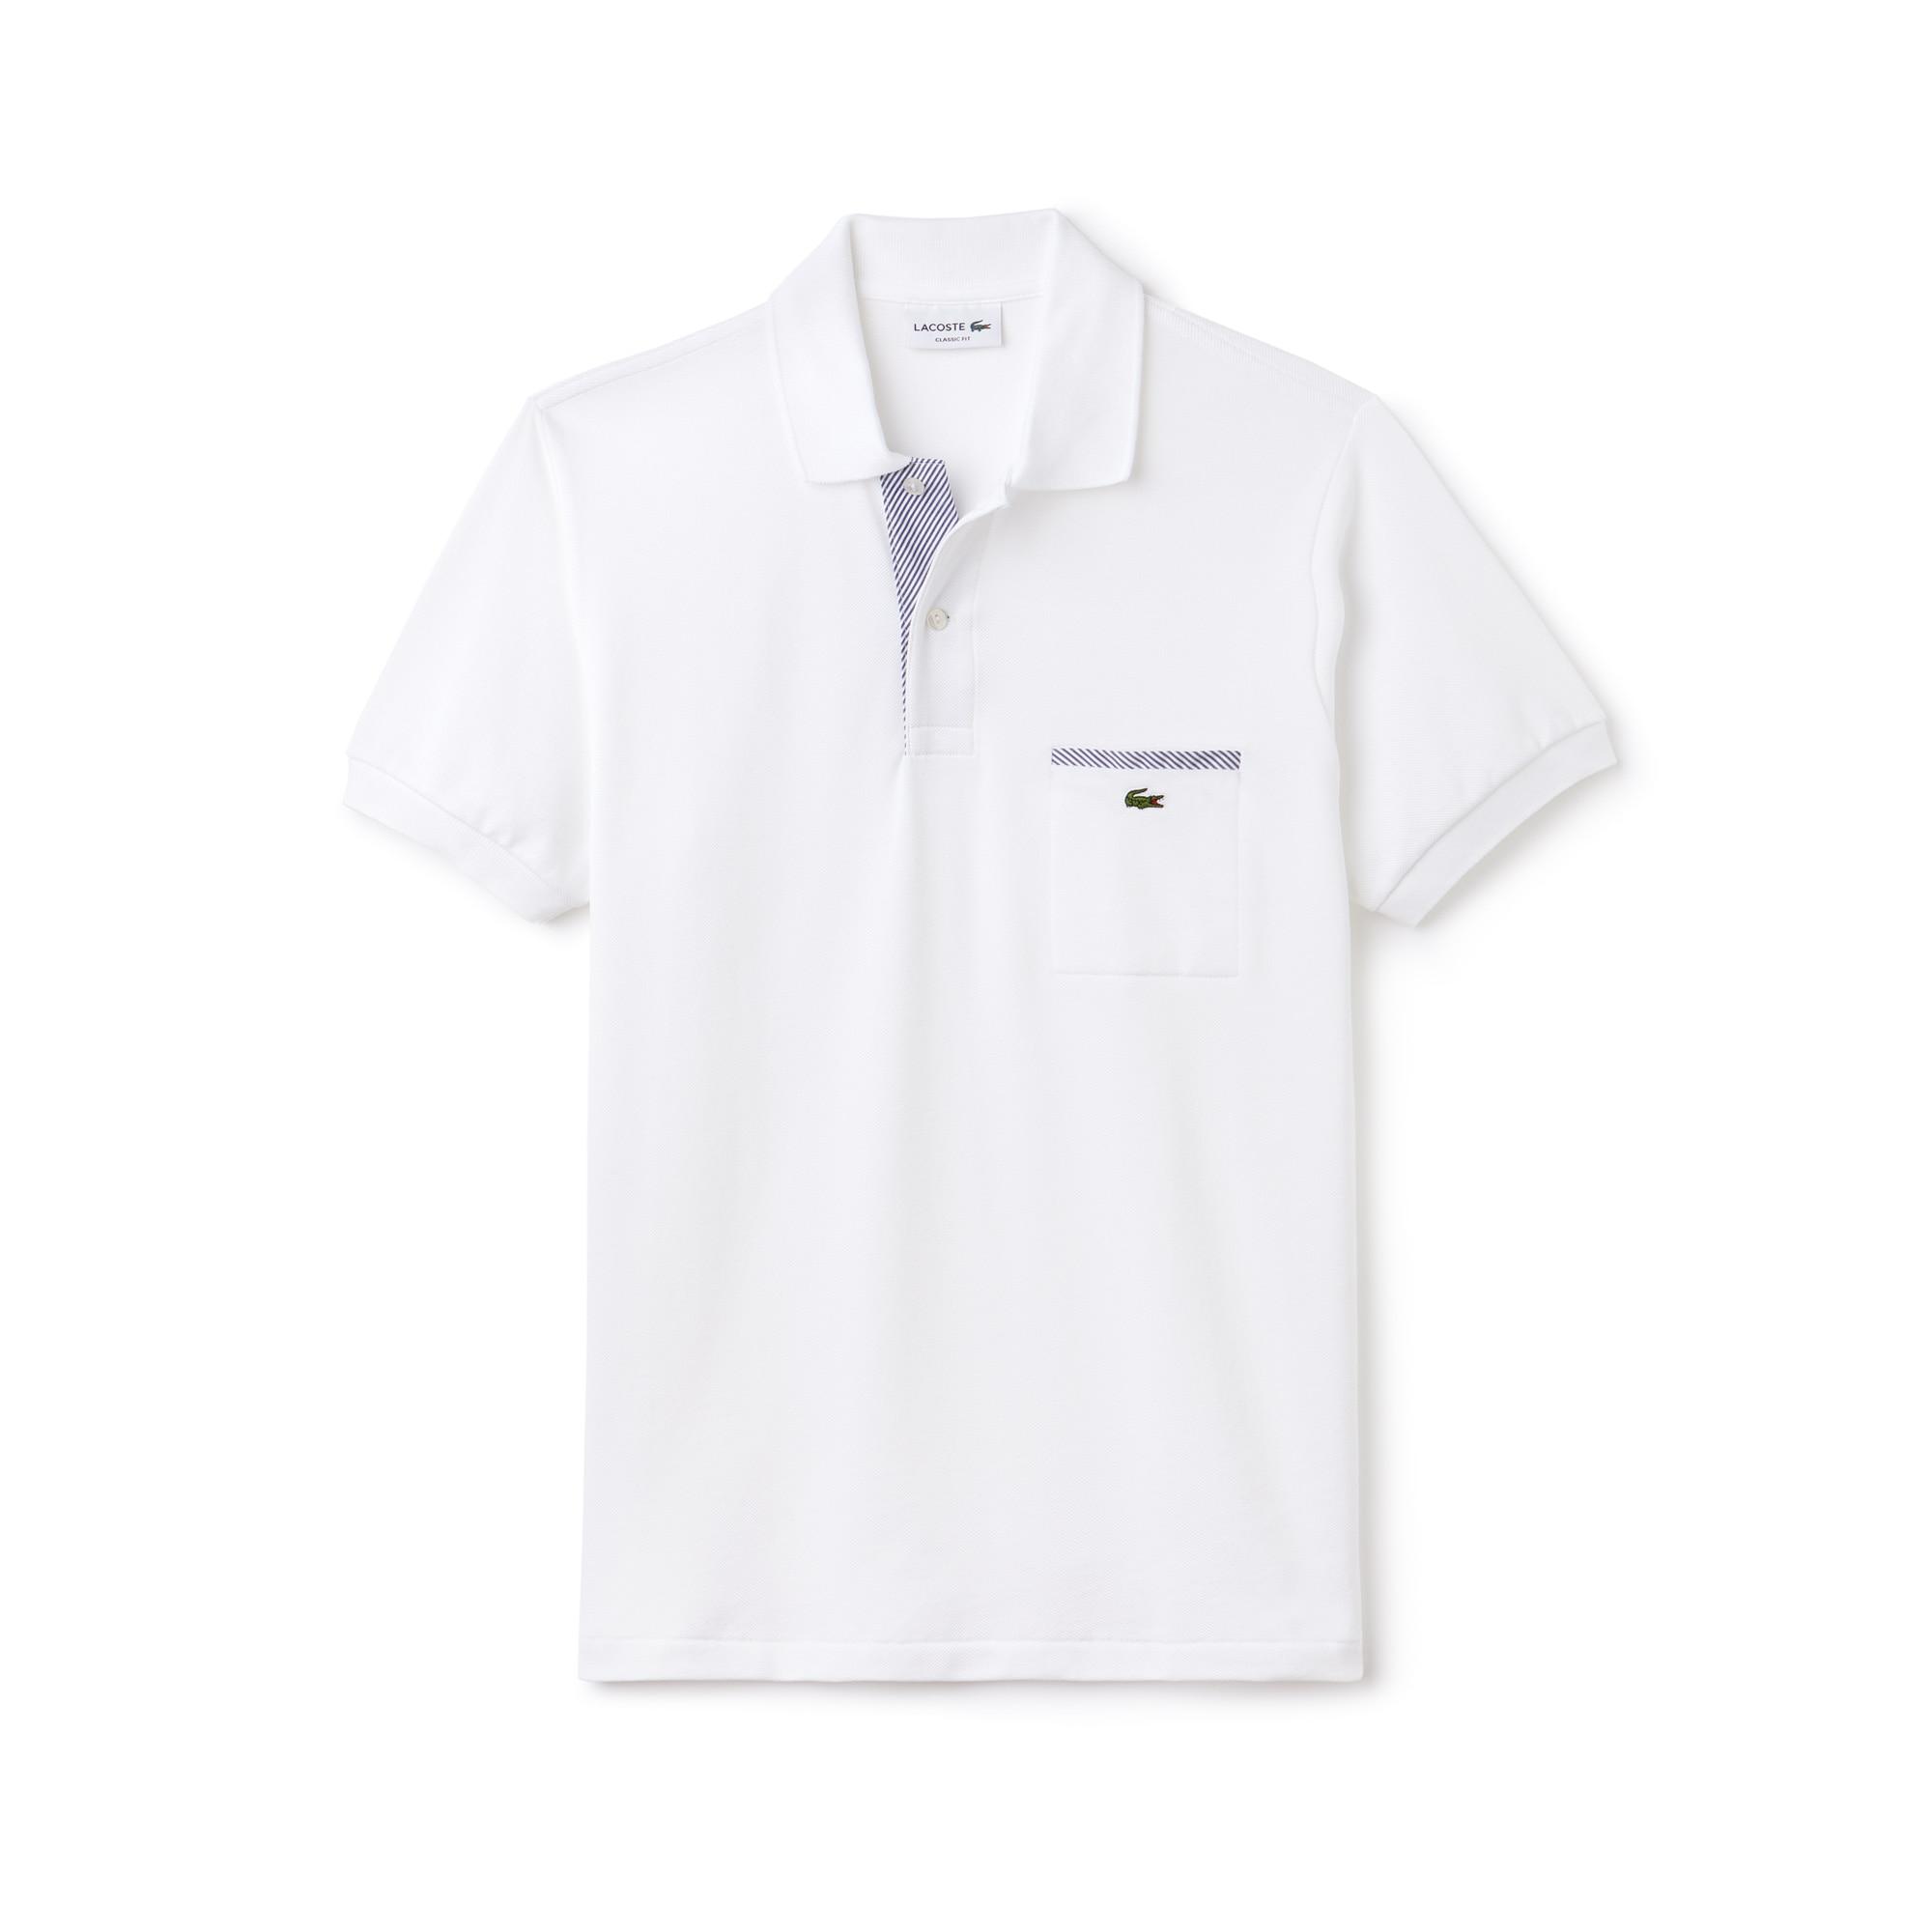 ed53c187e0322 Camisa Polo Lacoste L.12.12 com Detalhes Contrastantes ...